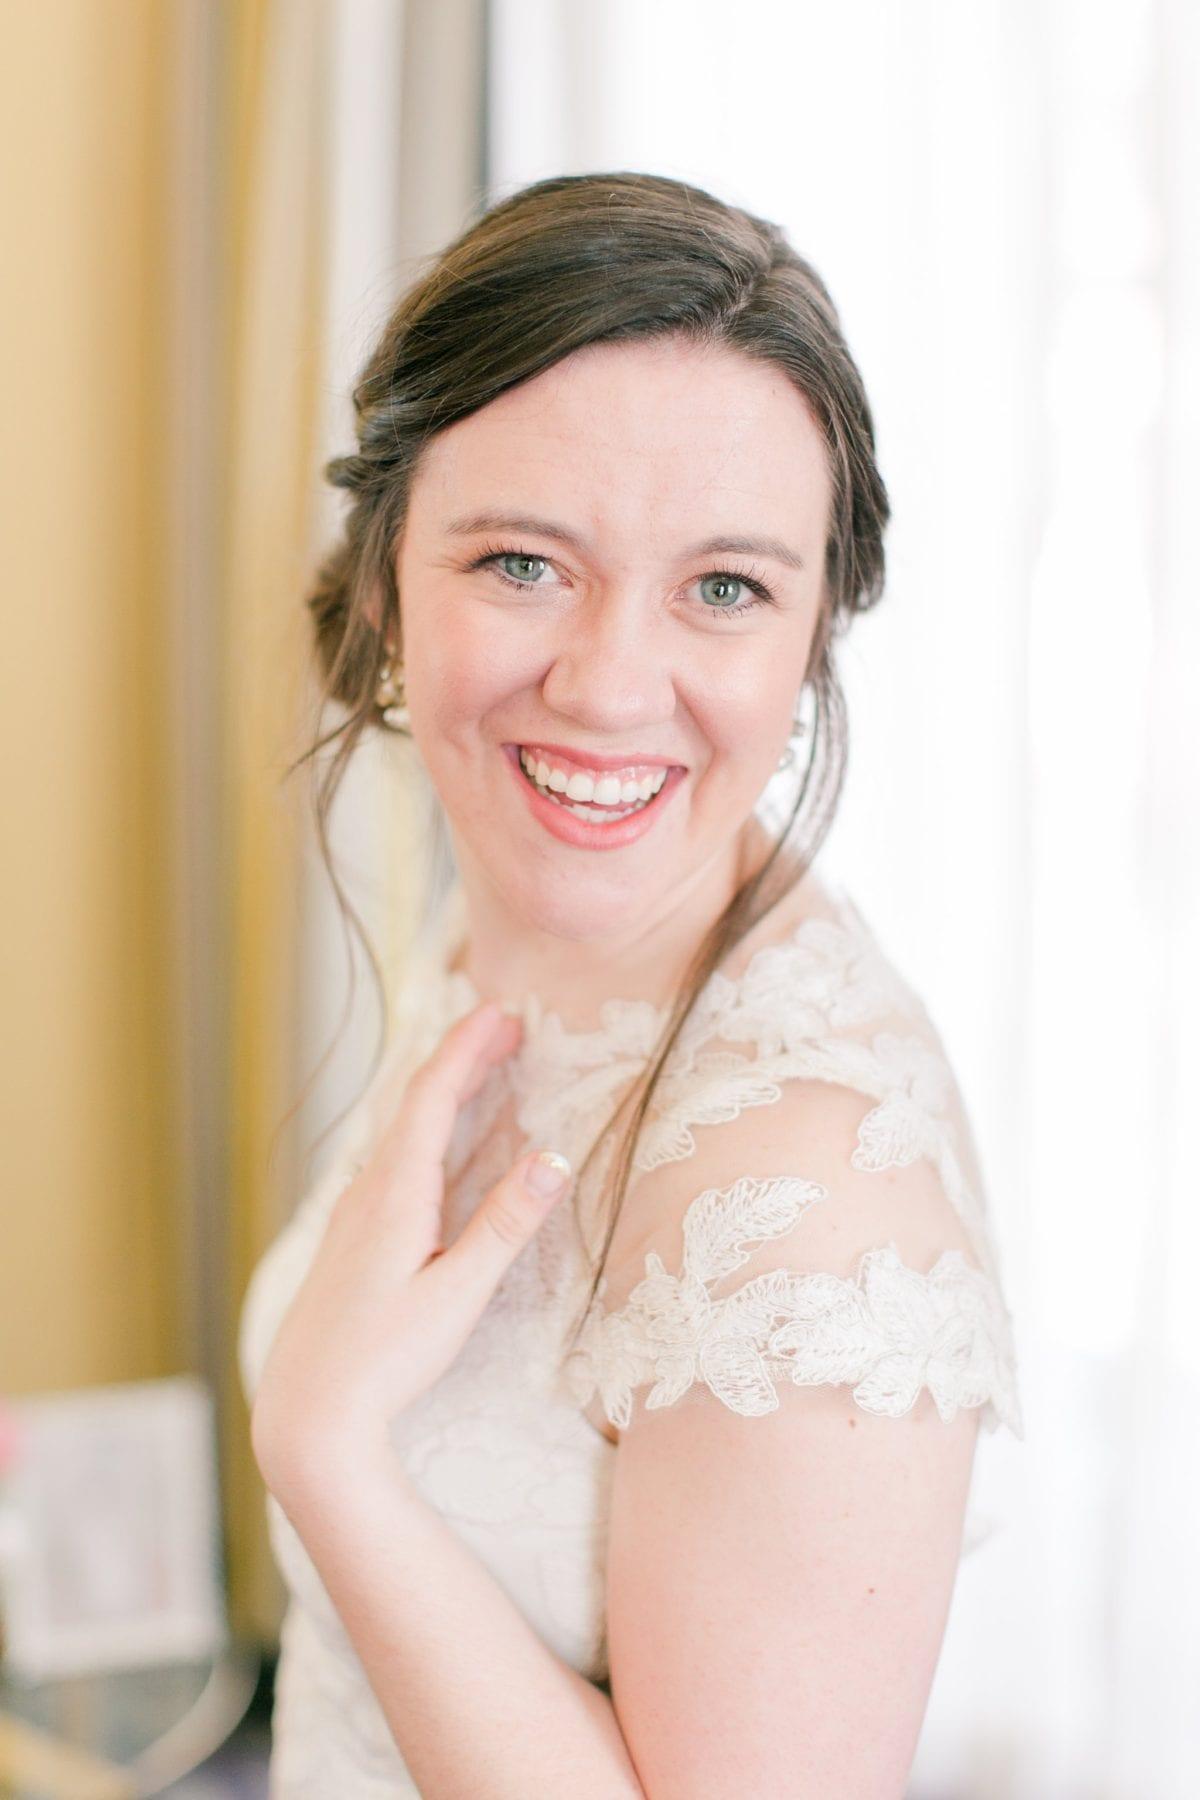 Hotel Monaco Washington DC Wedding Photos Megan Kelsey Photography Erin & Mike -43